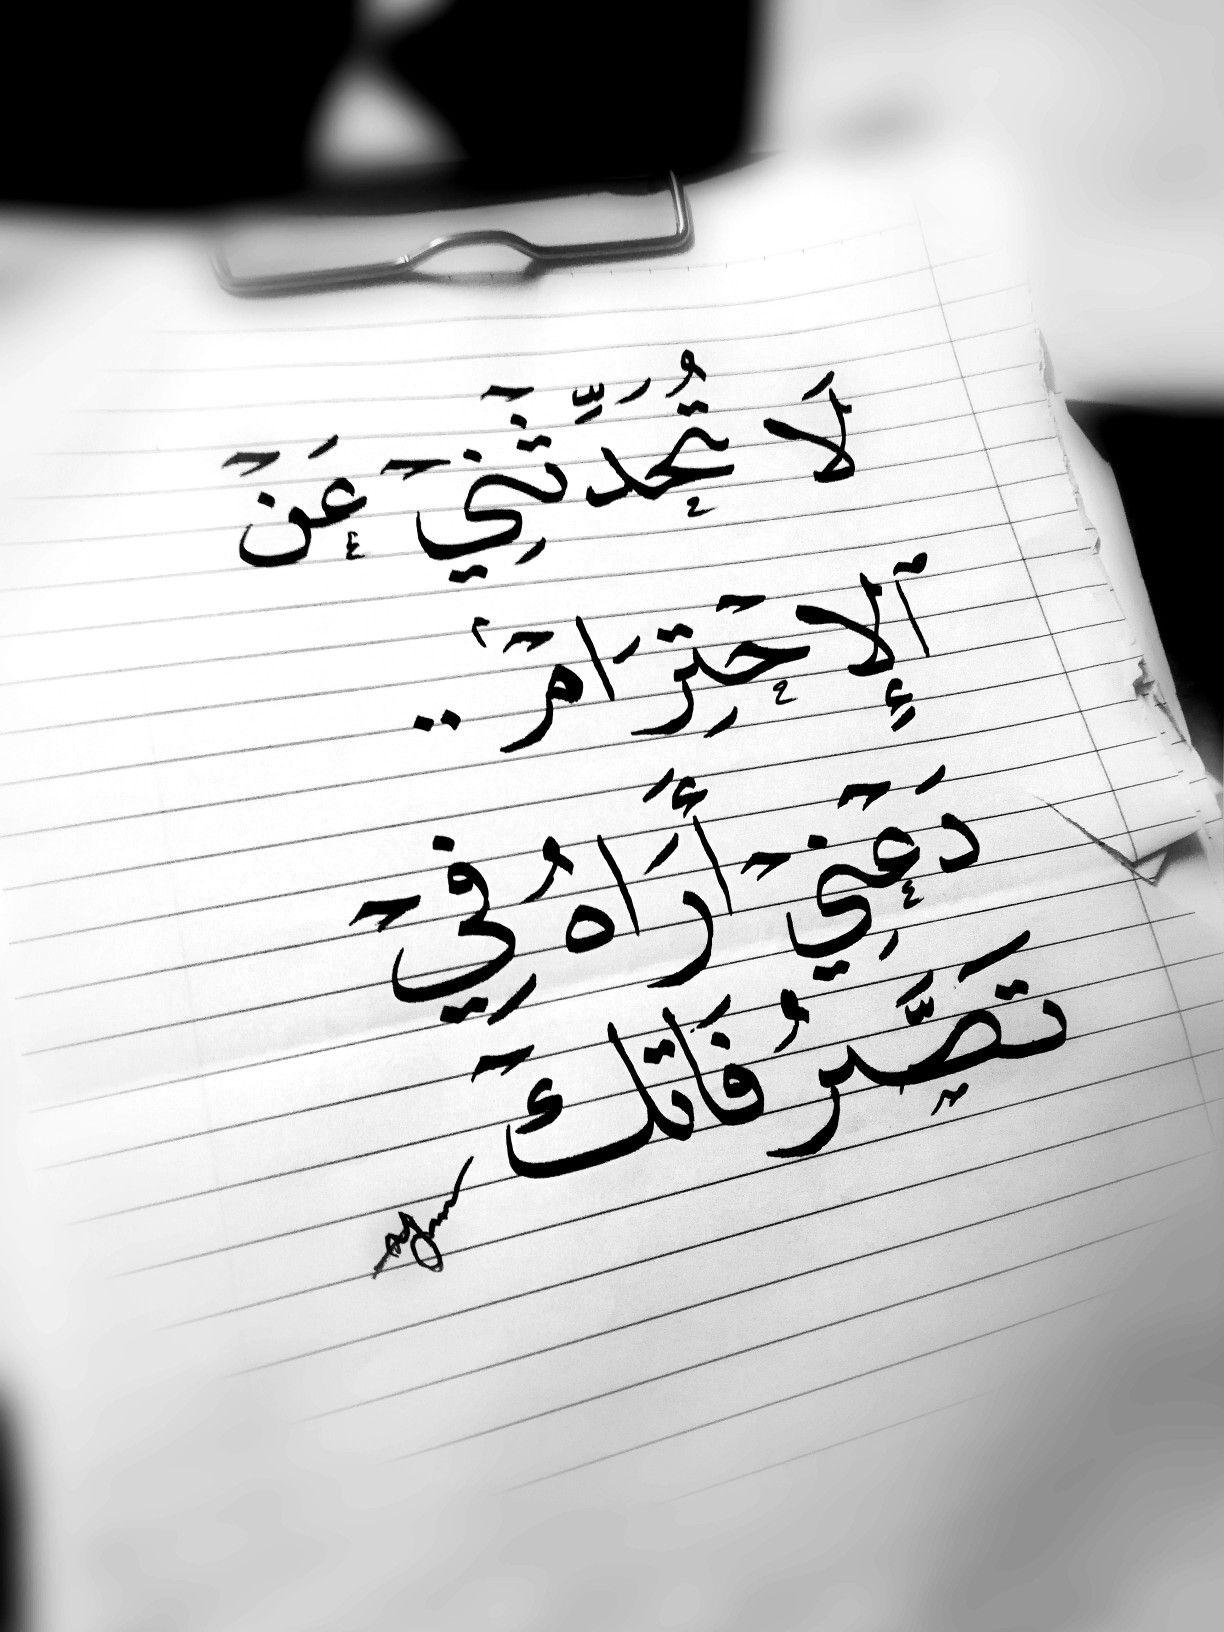 لا تحدثني عن الاحترام دعني أراه في تصرفاتك Beautiful Arabic Words Love Words Arabic Words